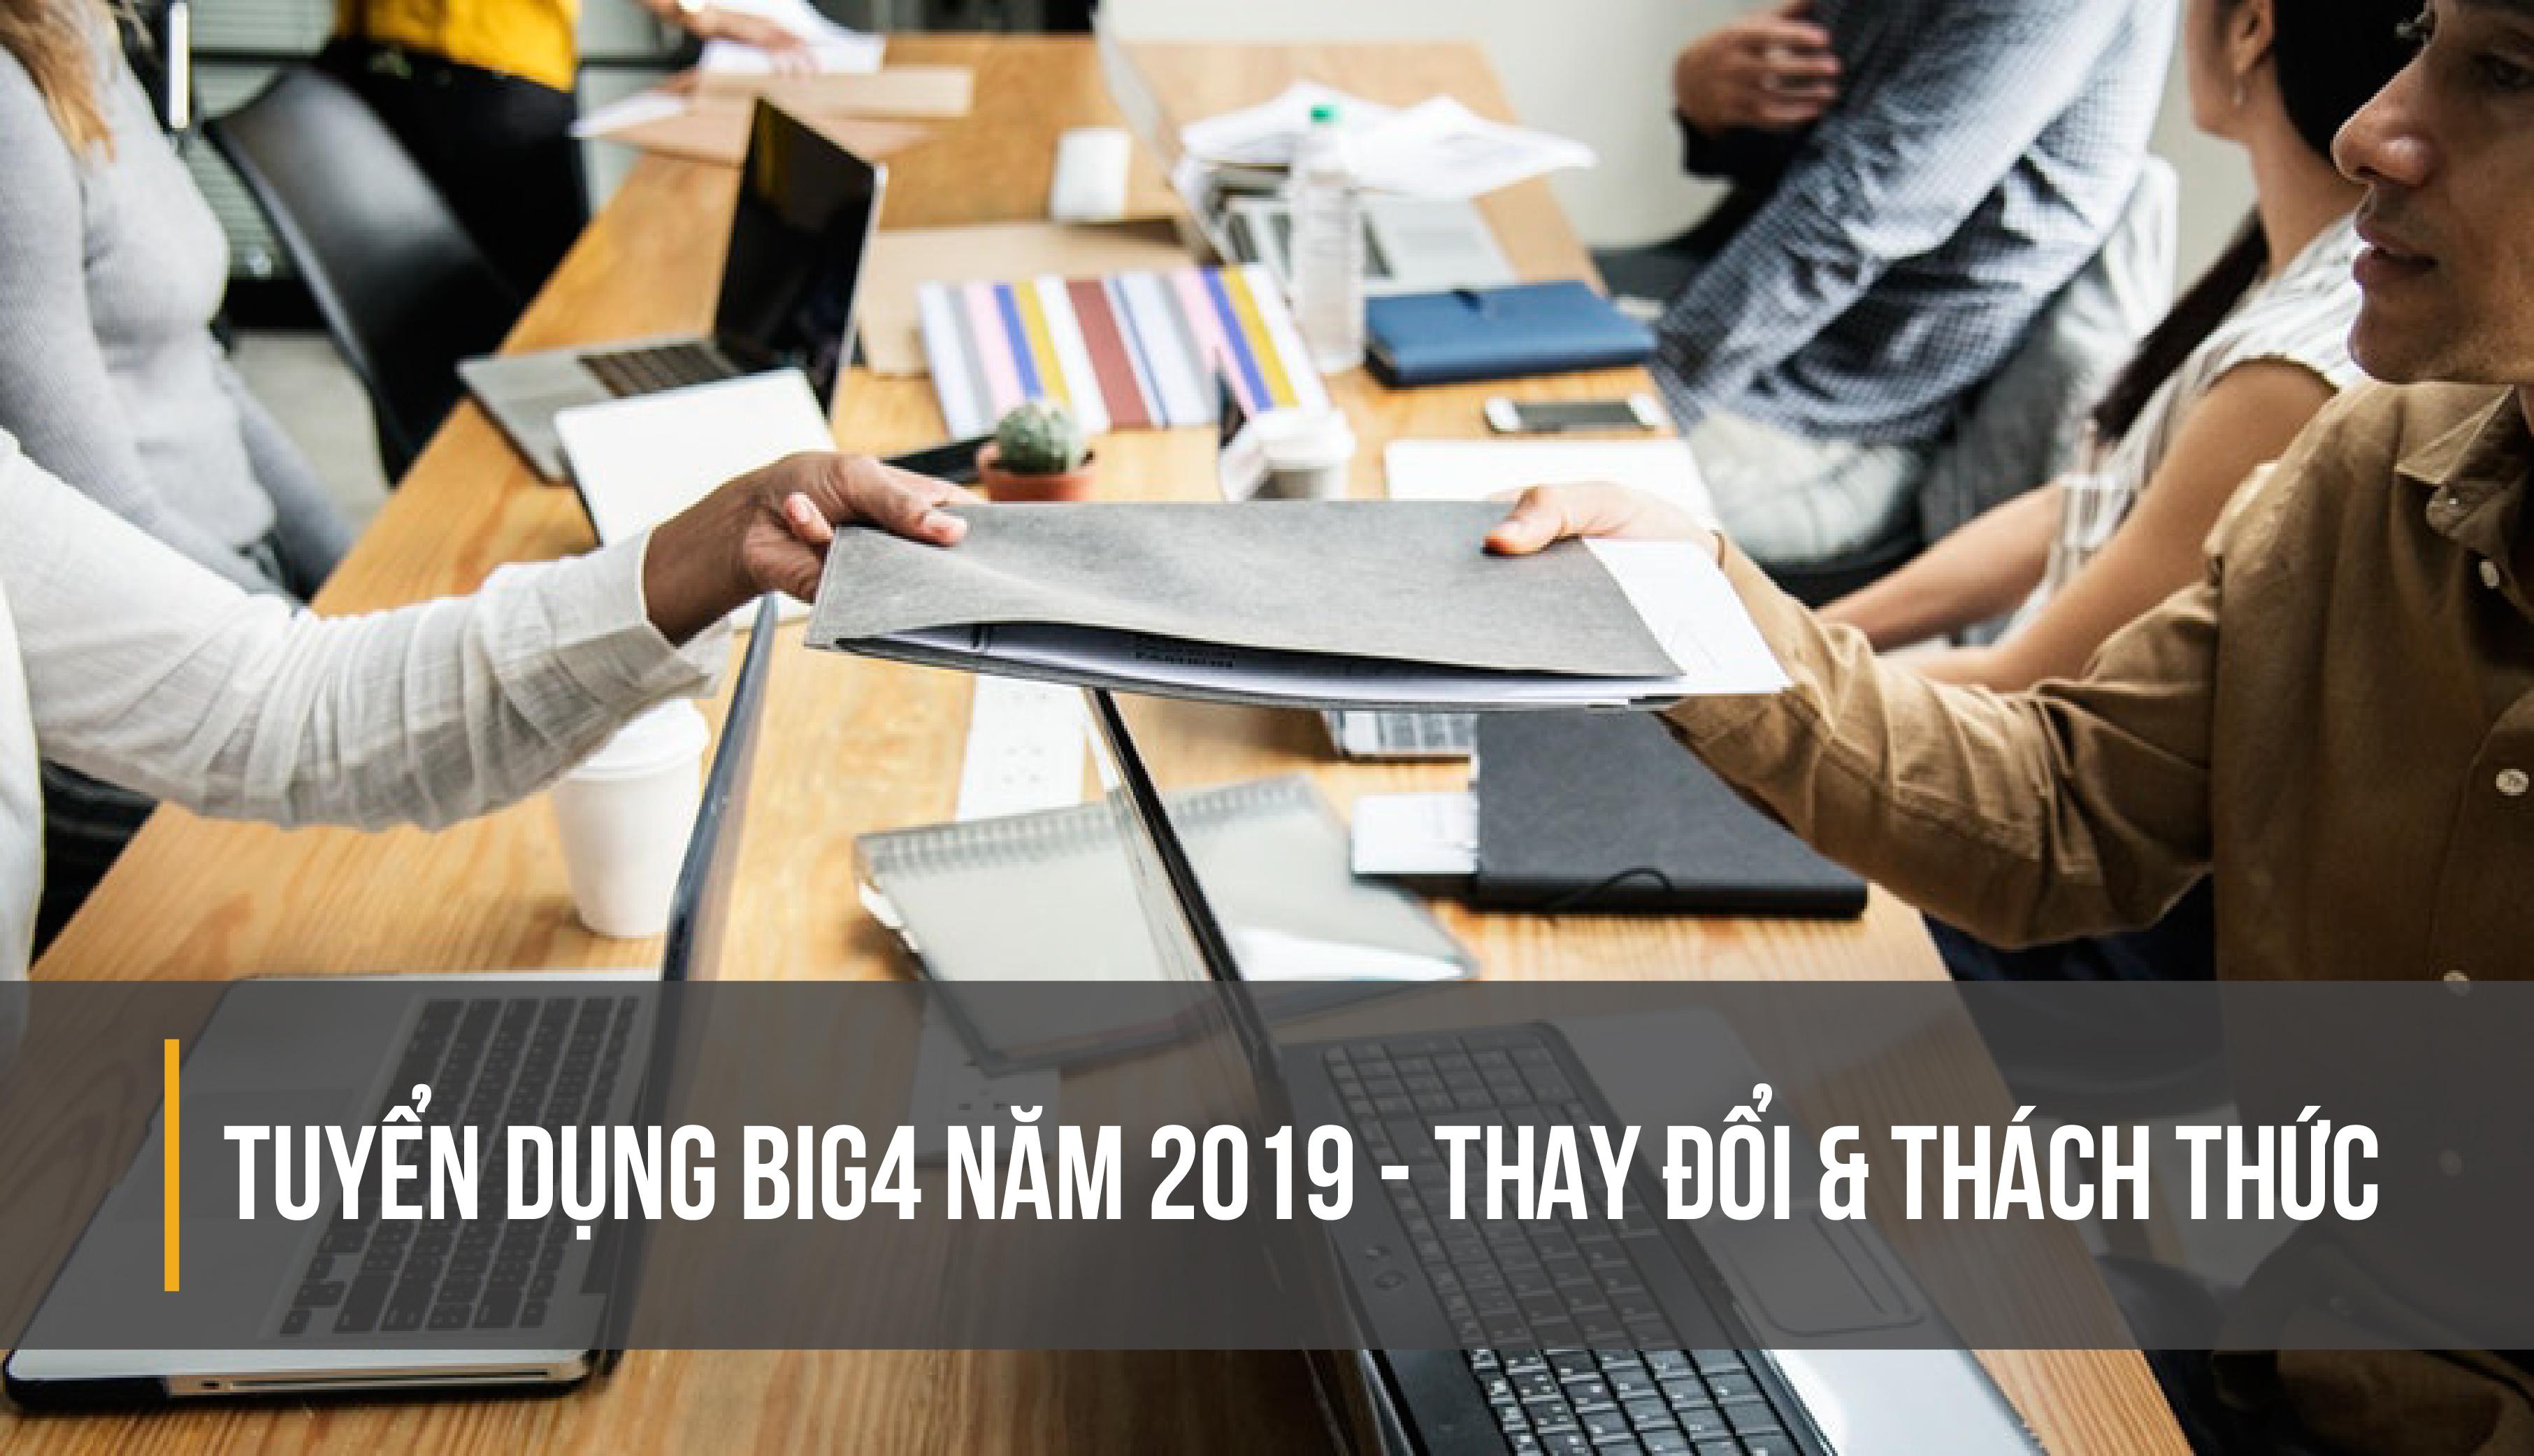 Thay đổi và thách thức trong kỳ tuyển dụng BIG4 năm 2018- 2019-01-01